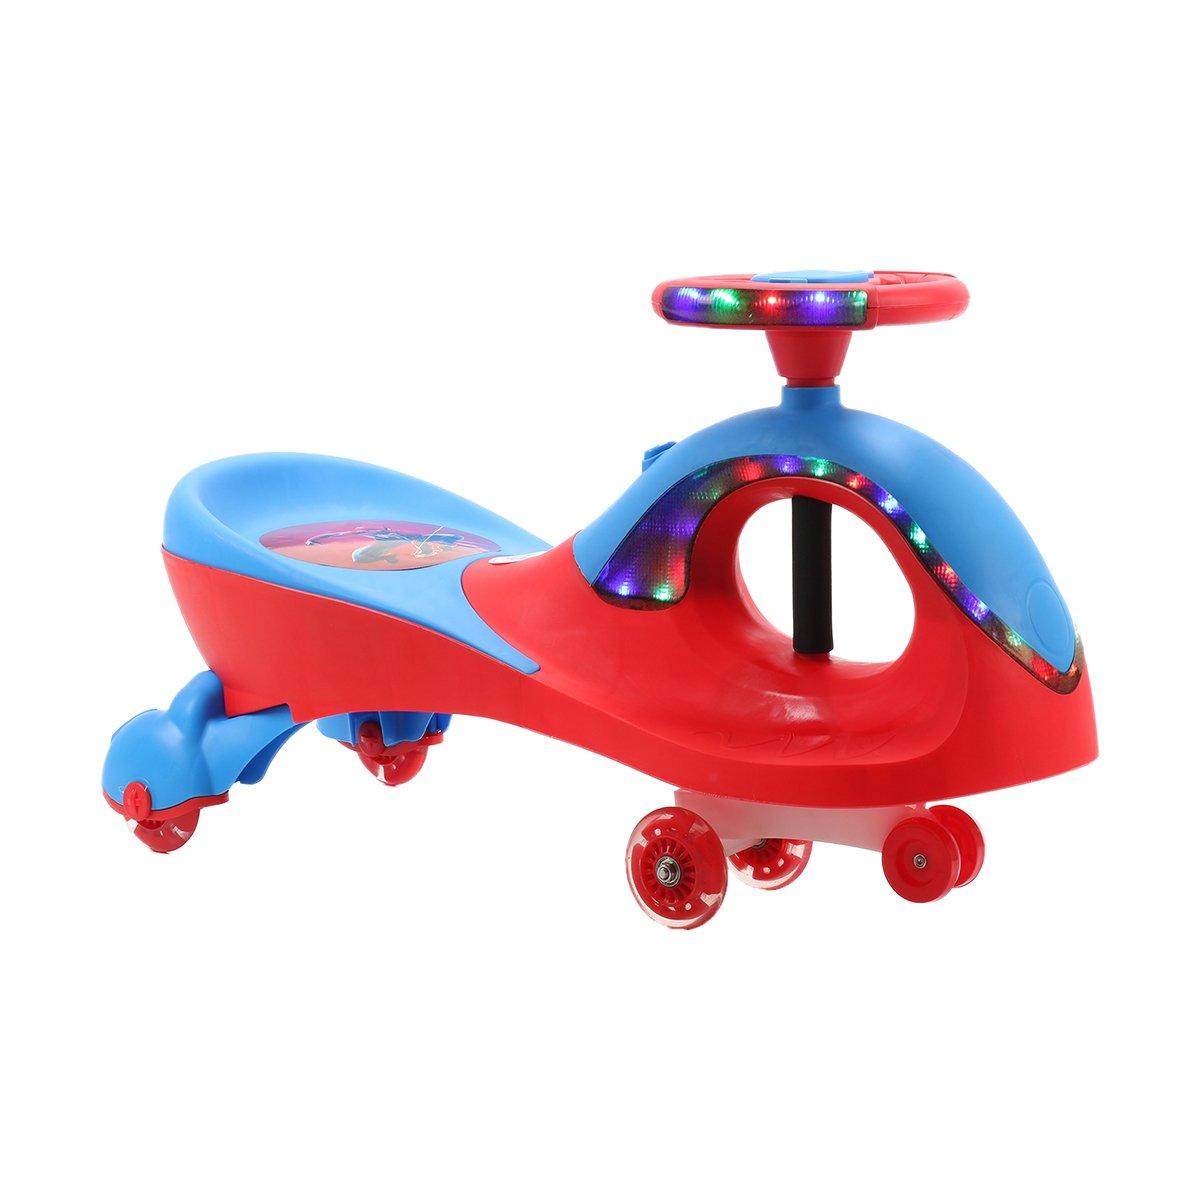 Masinuta fara pedale cu lumini si sunete Qitong Swing Car, Rosu imagine